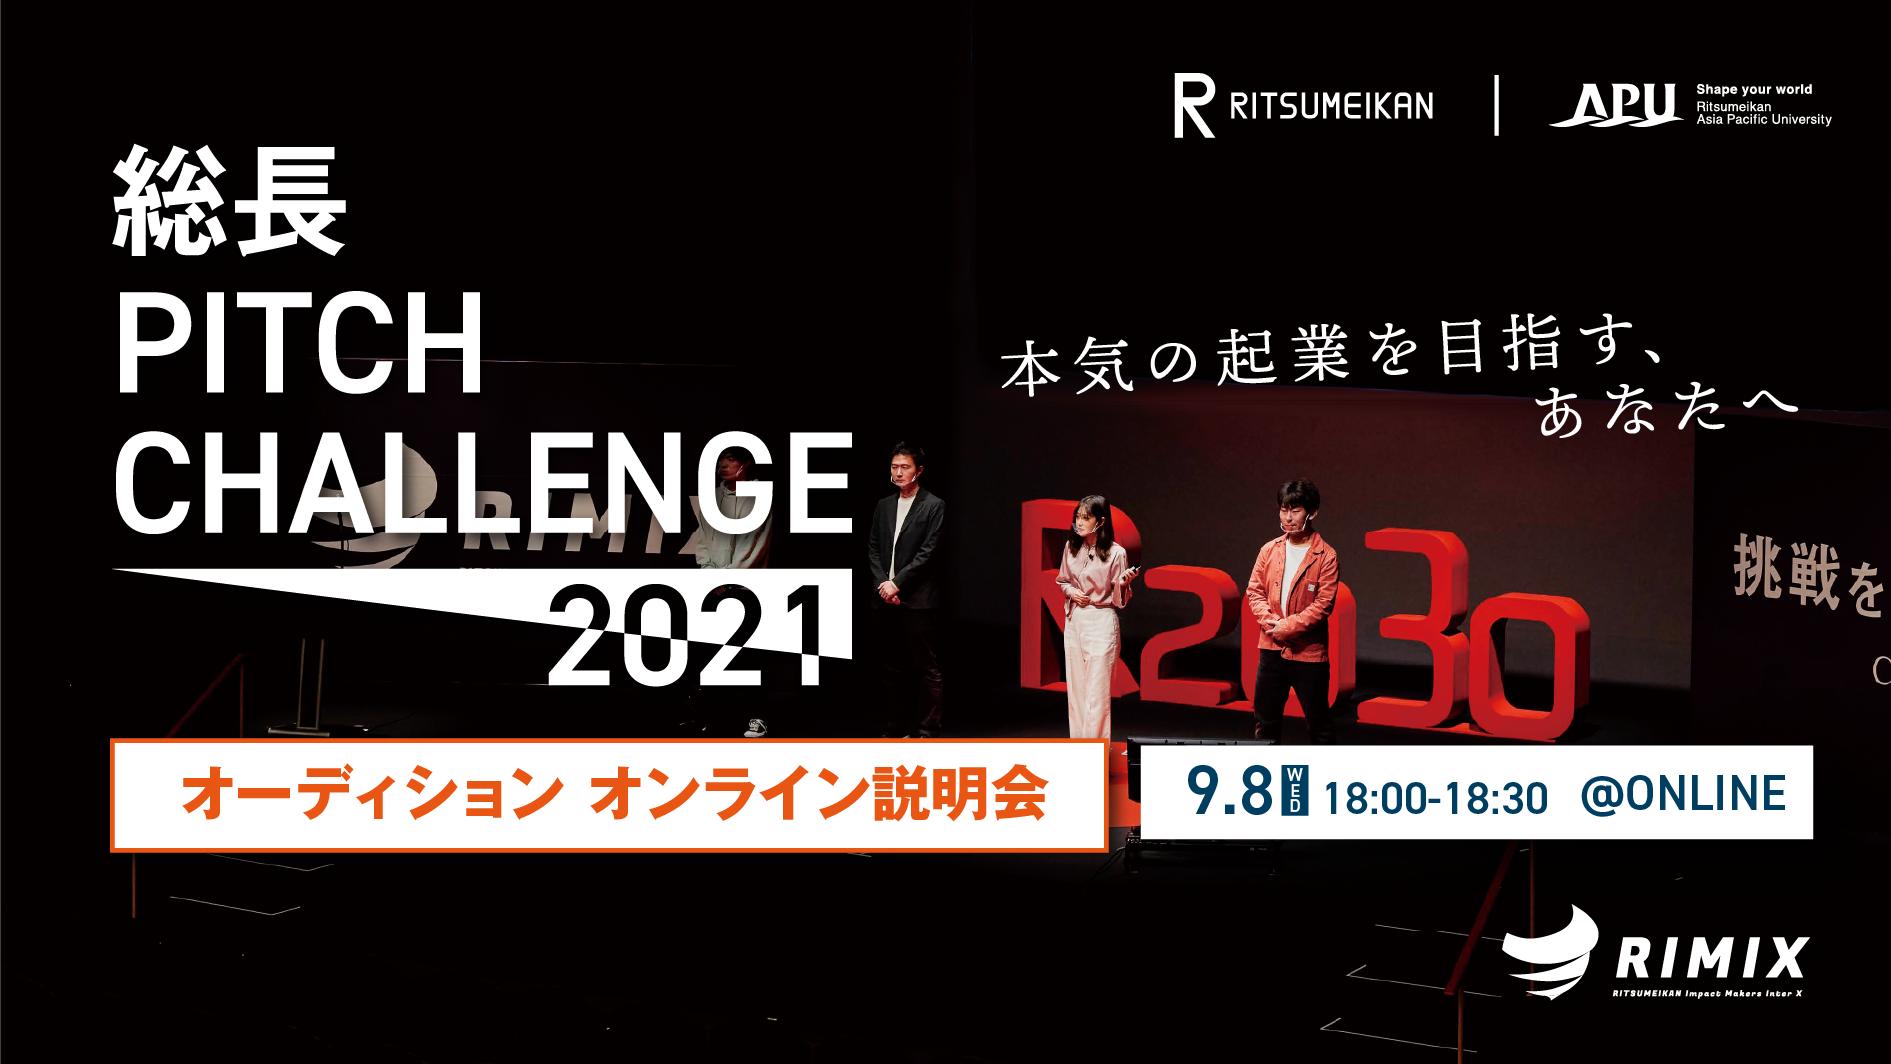 総長PITCH CHALLENGE 2021 オーディション「オンライン説明会」を実施します